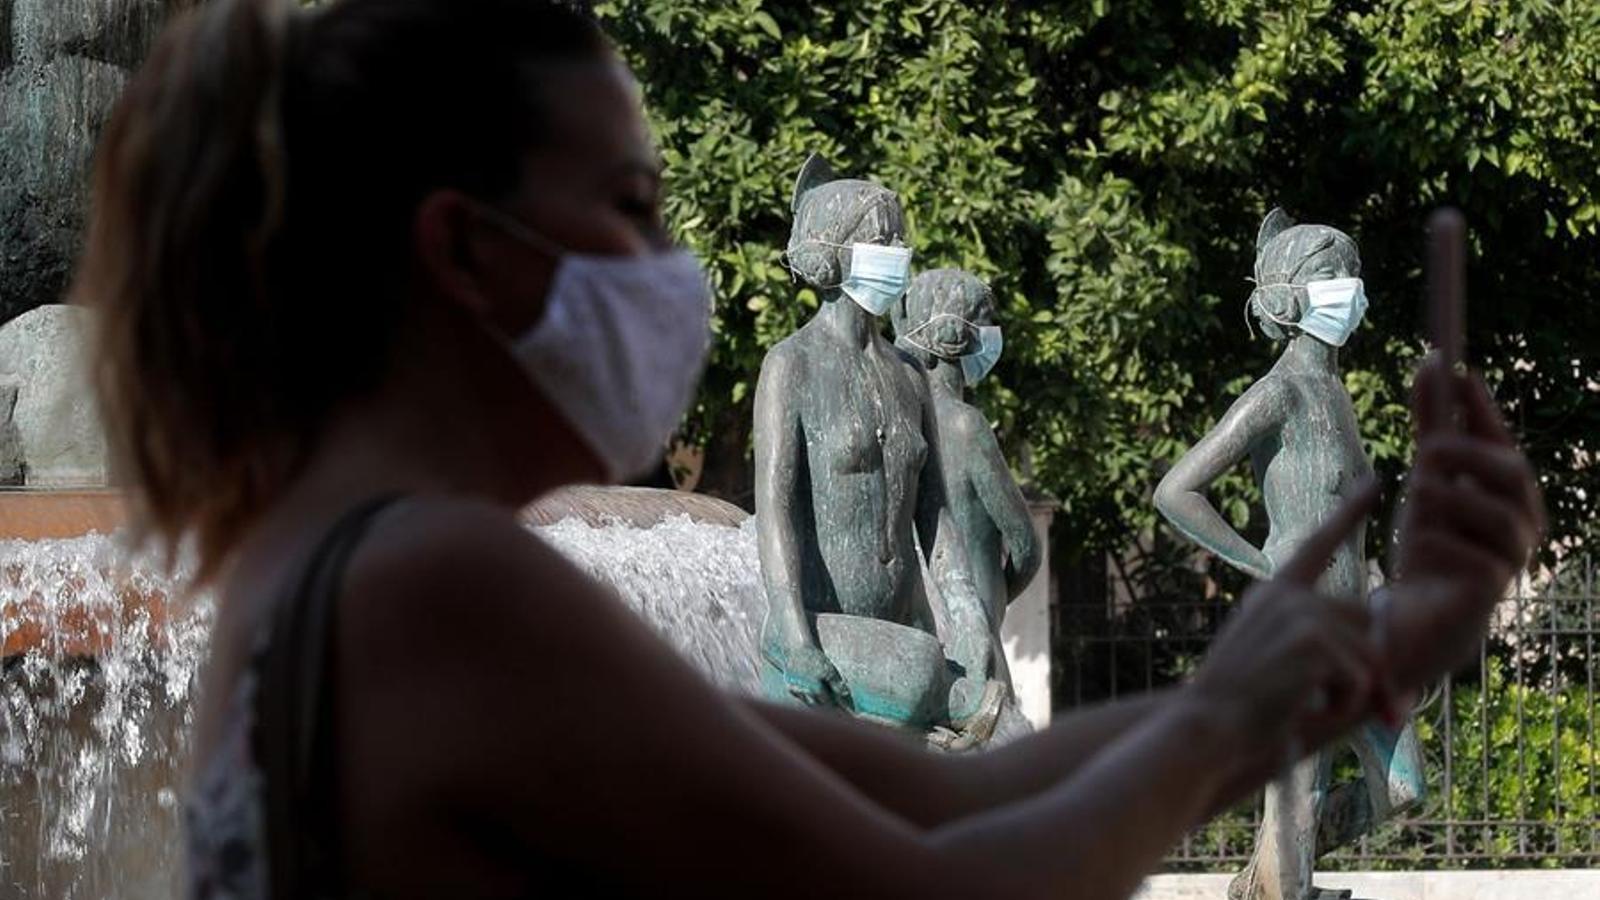 L'Ajuntament de València ha col·locat màscares a les estàtues de la ciutat per a sensibilitzar a la ciutadania de l'ús d'aquesta protecció.. EFE/Kai Försterling